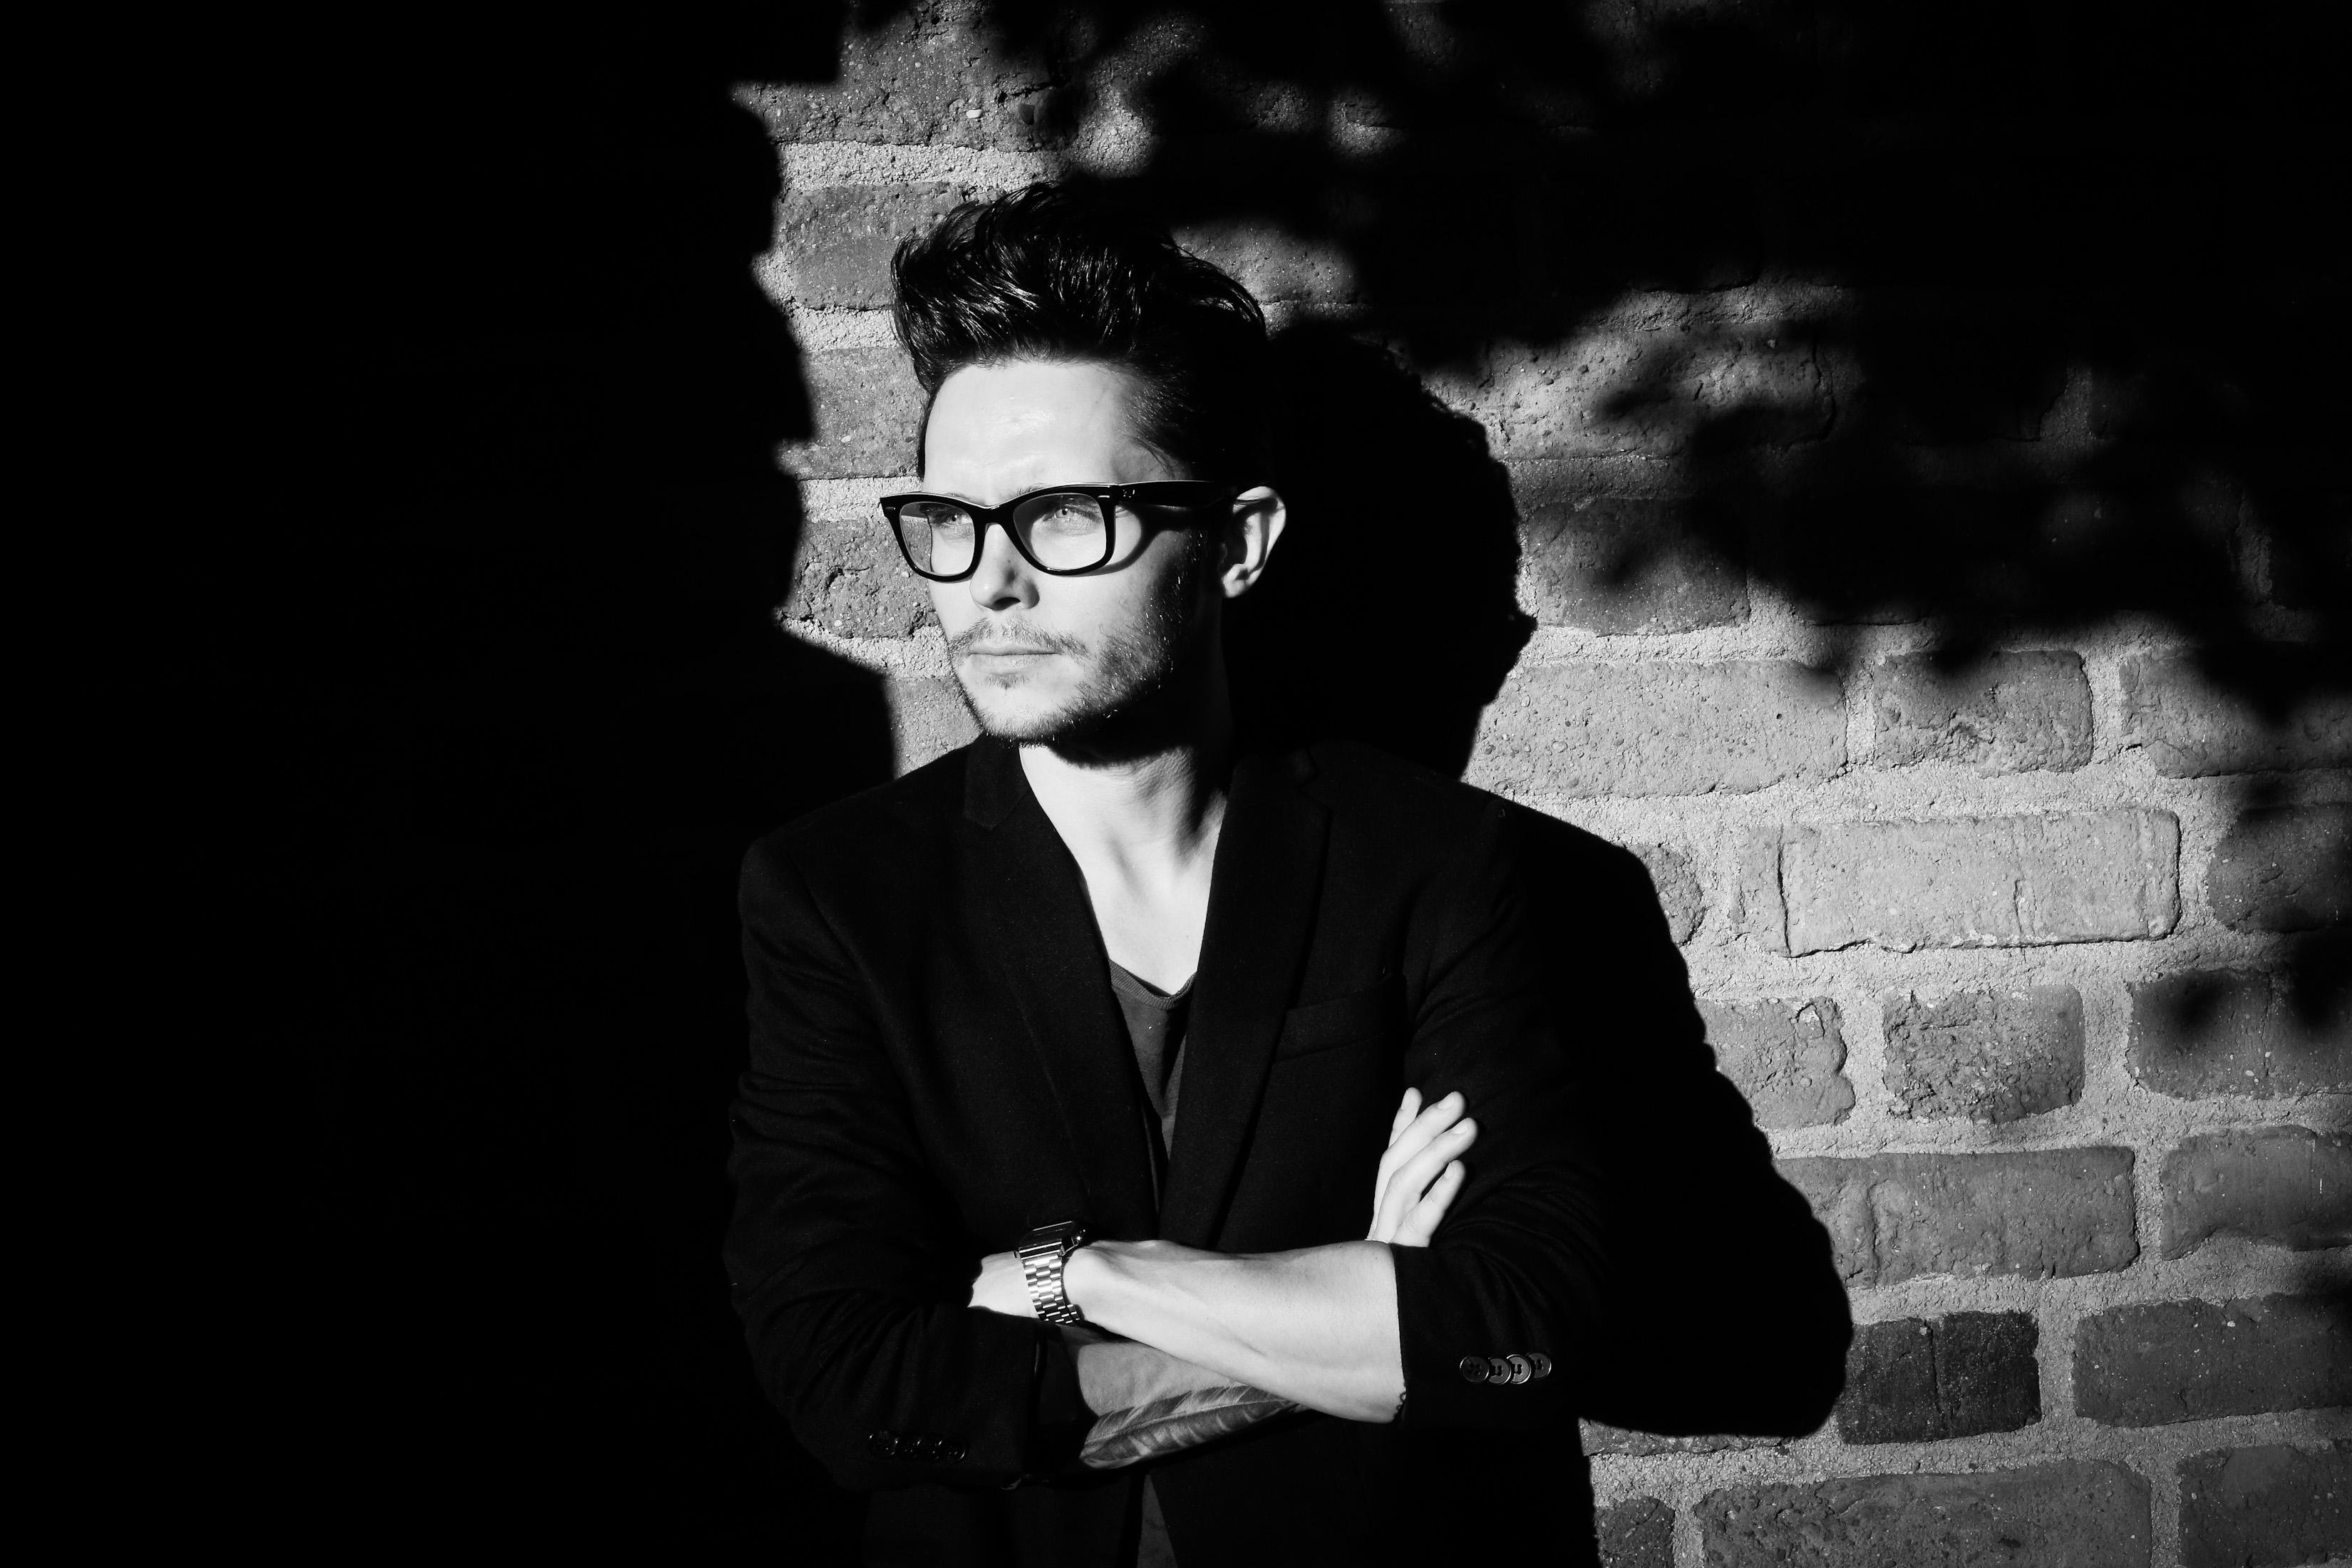 Warszawa, 21.05.2014. Tomasz Wasilewski, reżyser. Fot. Rafał Guz